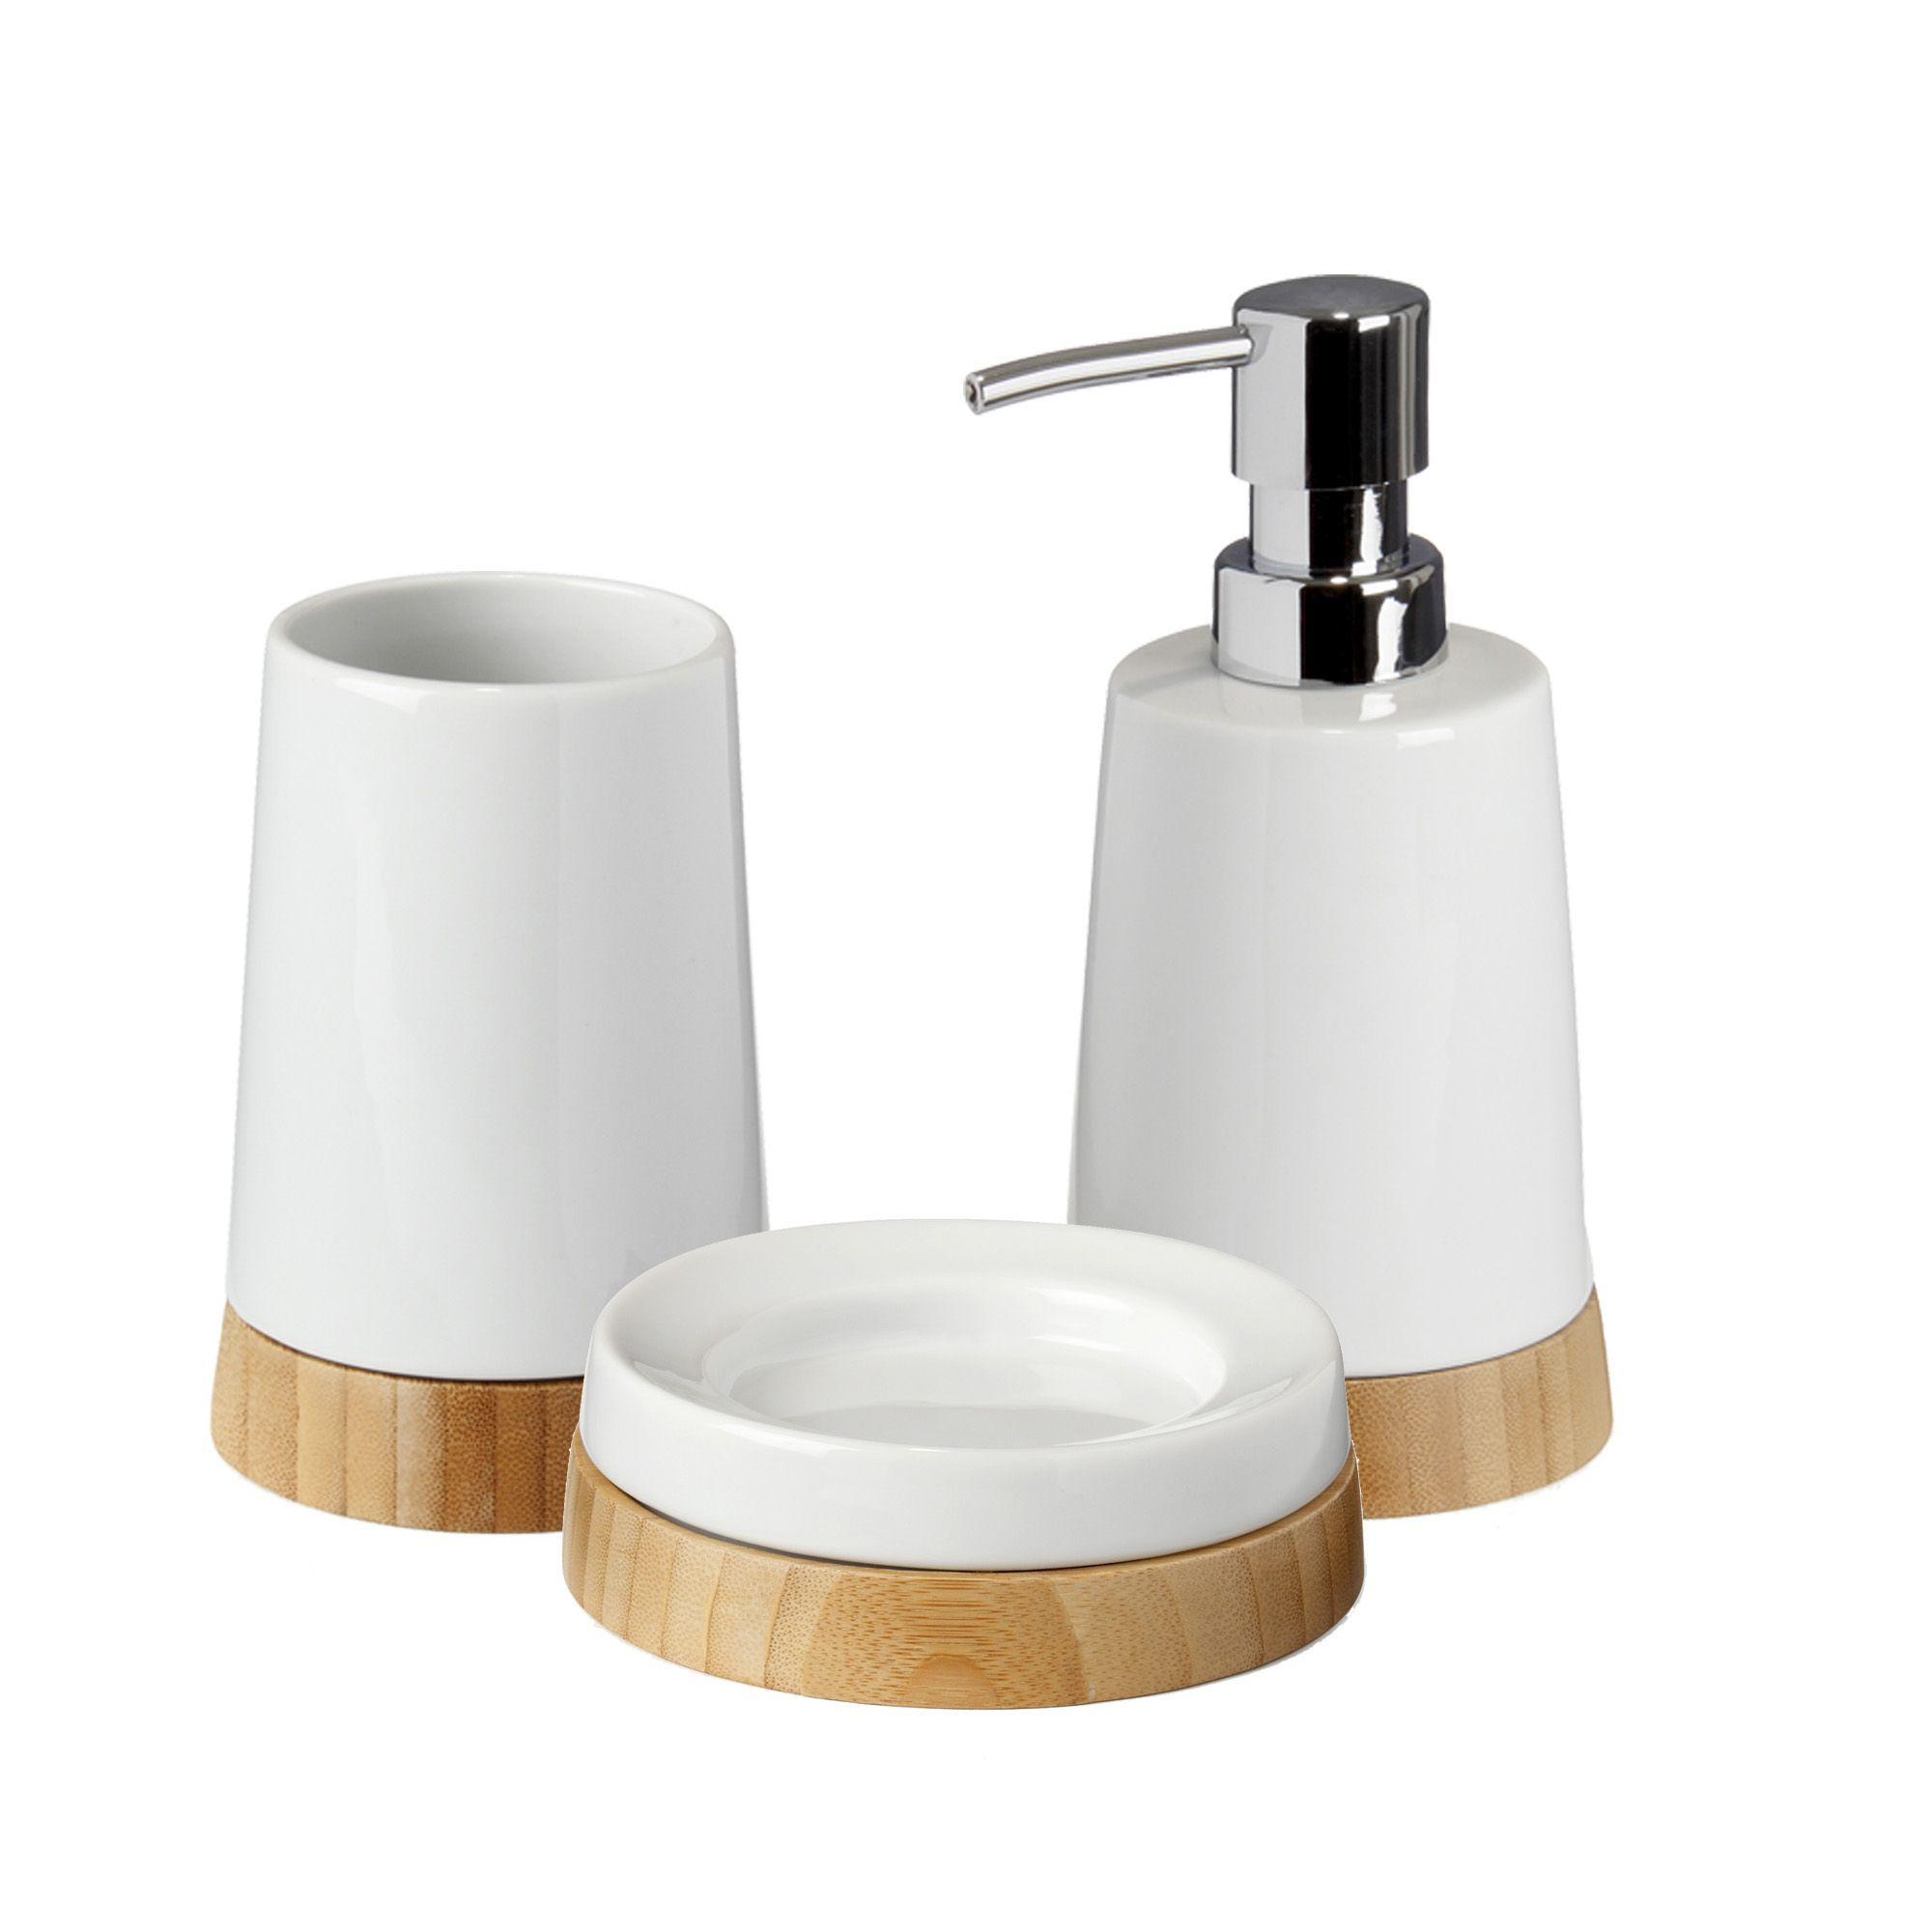 ensemble d 39 accessoires de salle de bains en c ramique et bambou blanc lanca alin a salle de. Black Bedroom Furniture Sets. Home Design Ideas